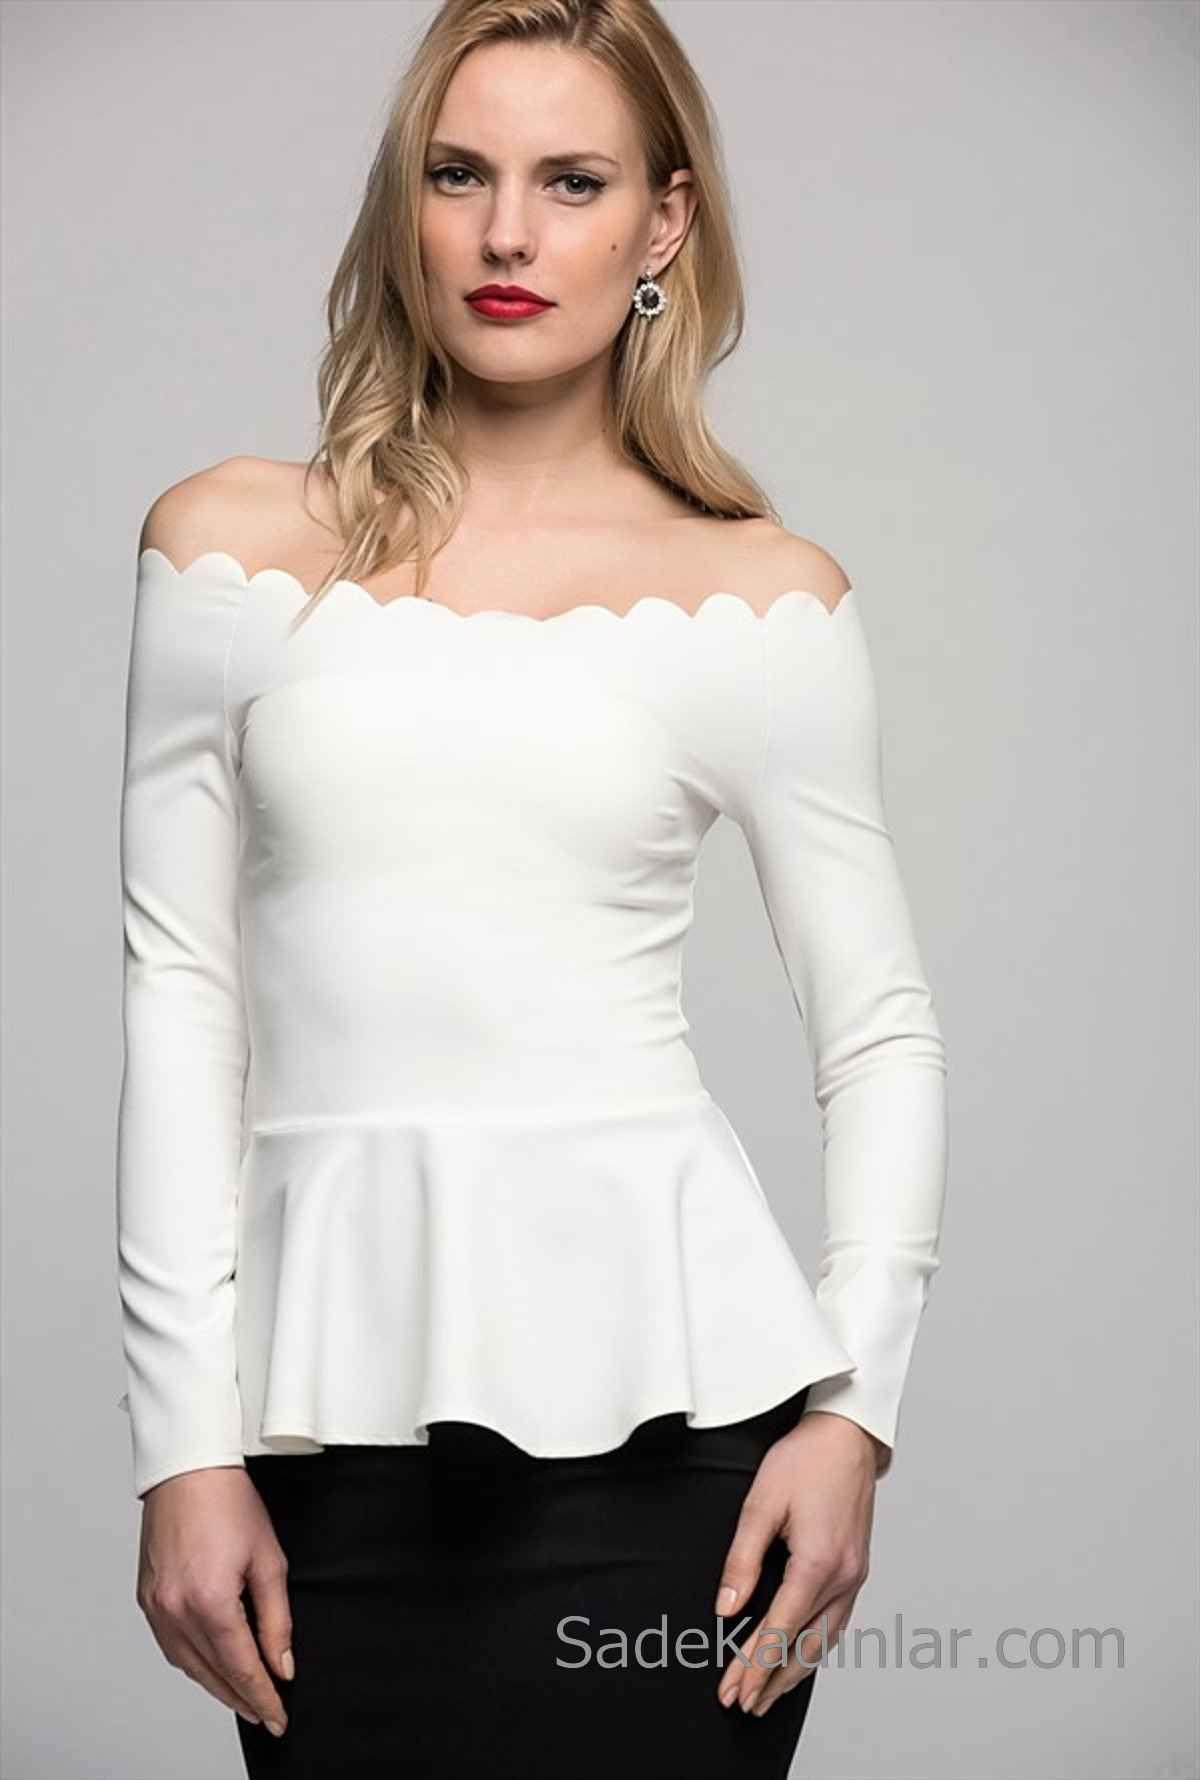 2019 Kayik Yaka Bluz Modelleri Beyaz Uzun Kollu Etek Kismi Firfirli Uzun Kollu Moda Stilleri Bluz Modelleri